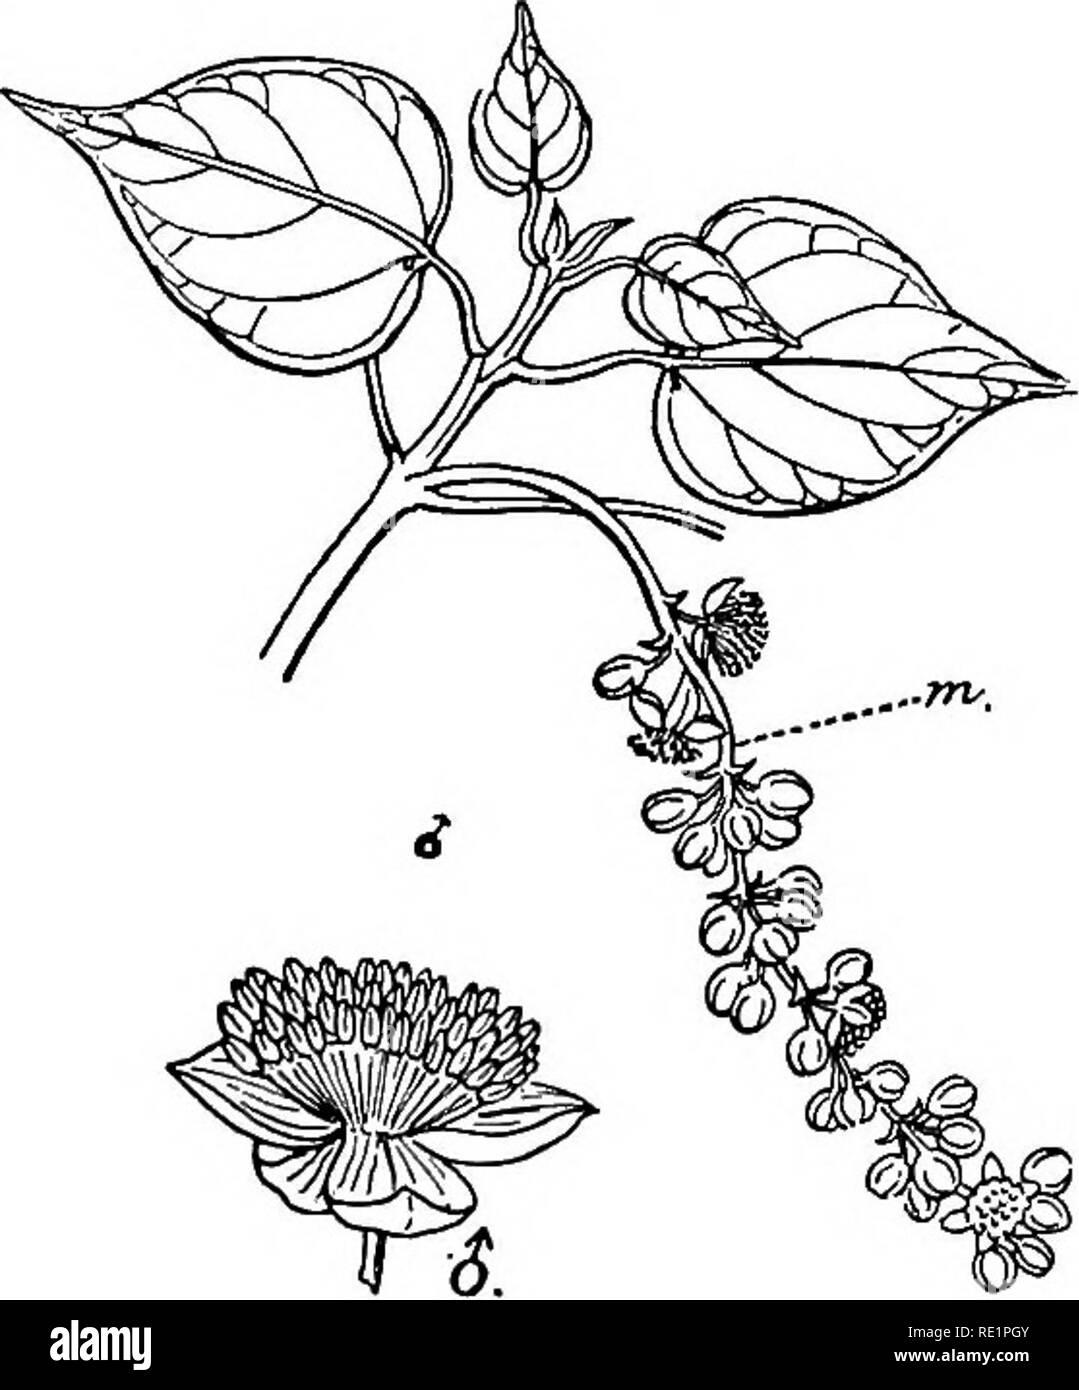 Dibujo De La Flor Y Sus Partes Para Colorear